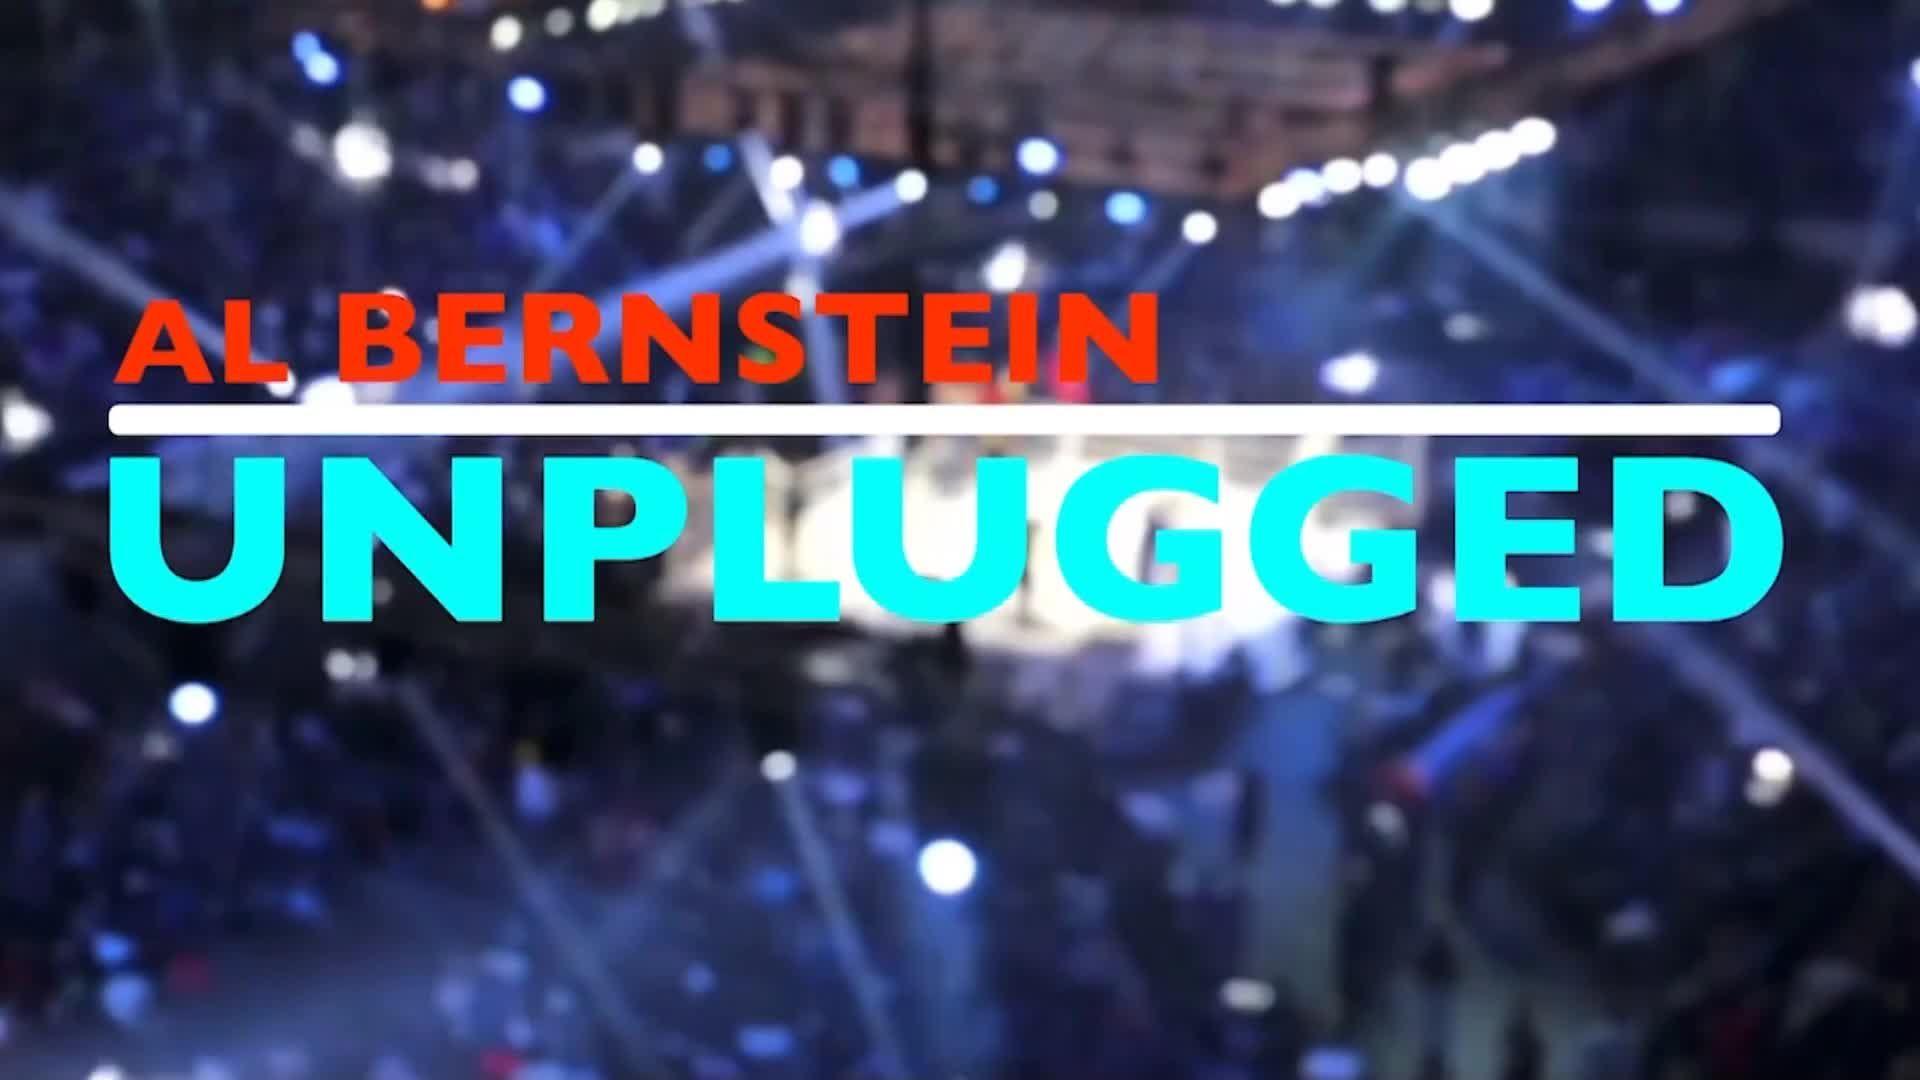 Al Bernstein Unplugged Guest: Antonio Tarver